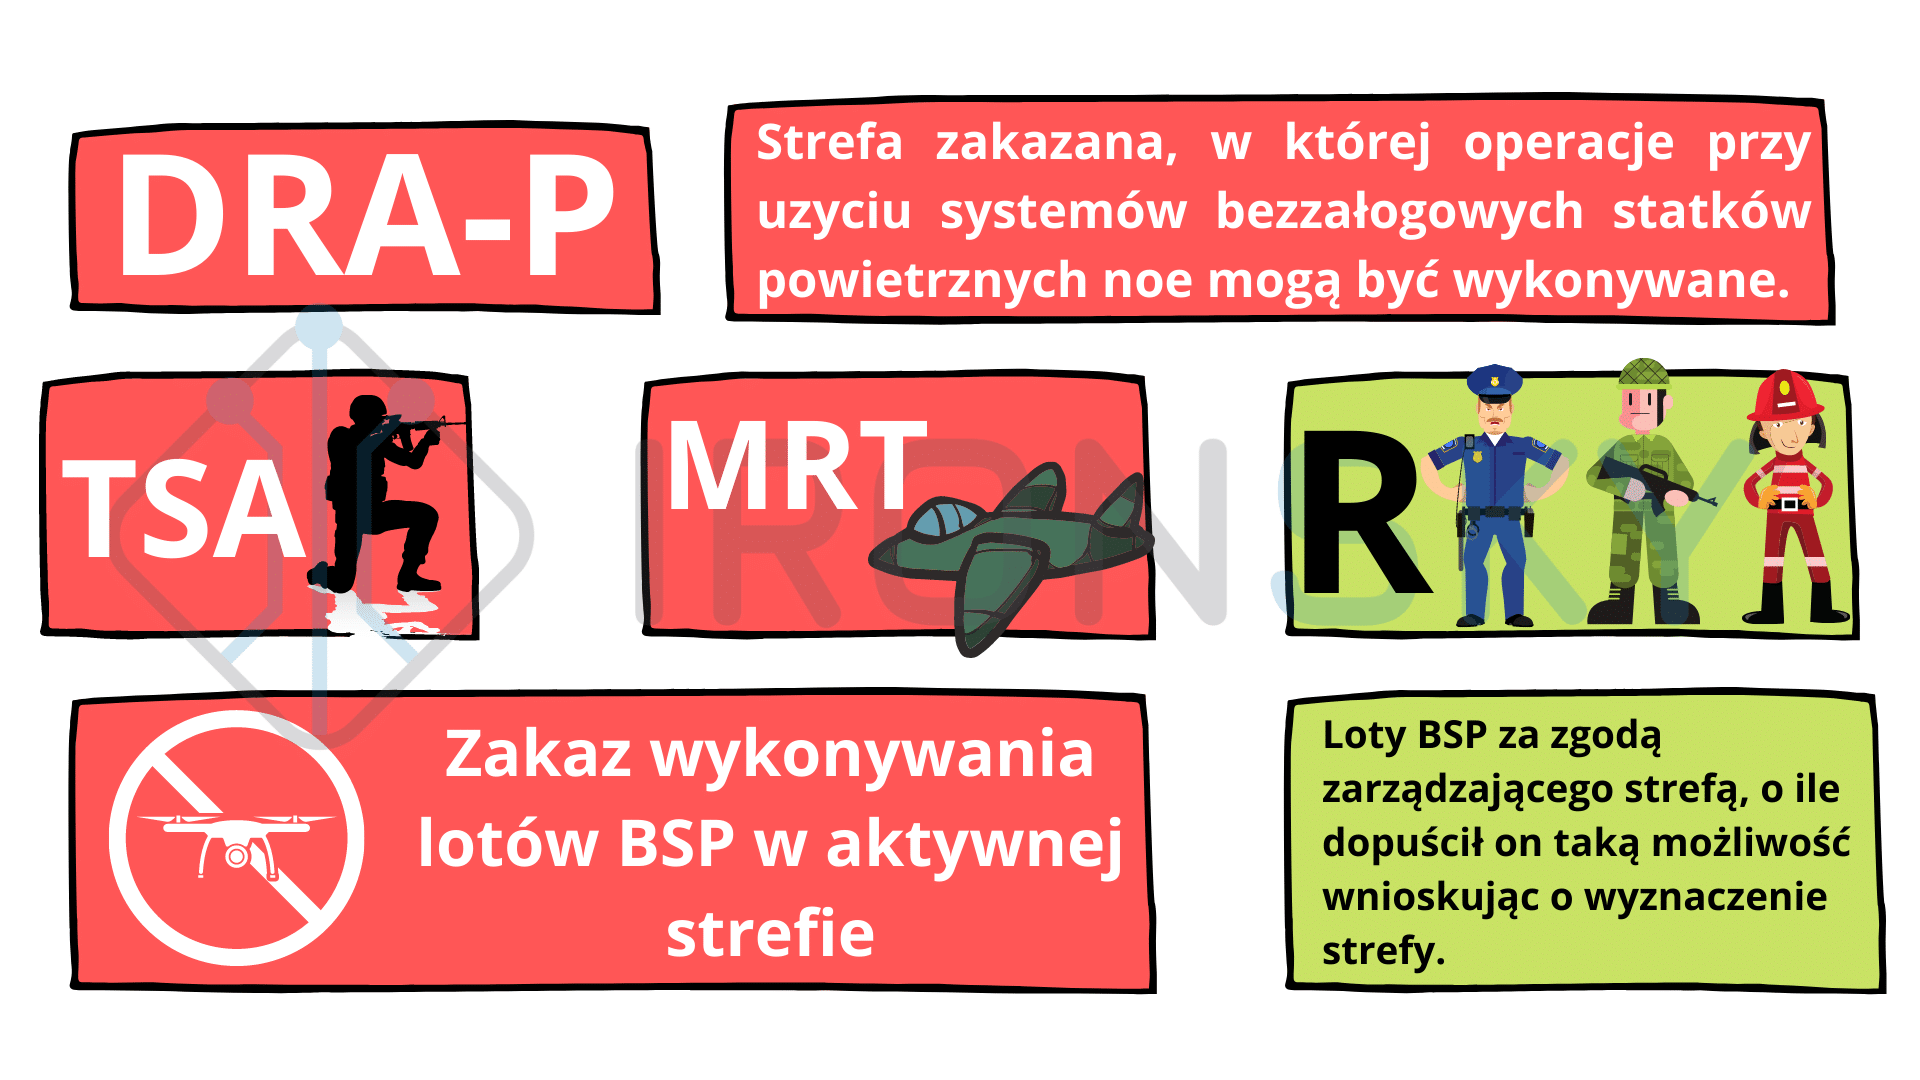 dra-p strefa zakazana - infografika autorstwa ironsky.pl uznanego podmiotu przez ULC do szkoleń i egzaminowania pilotów dronów w Polsce